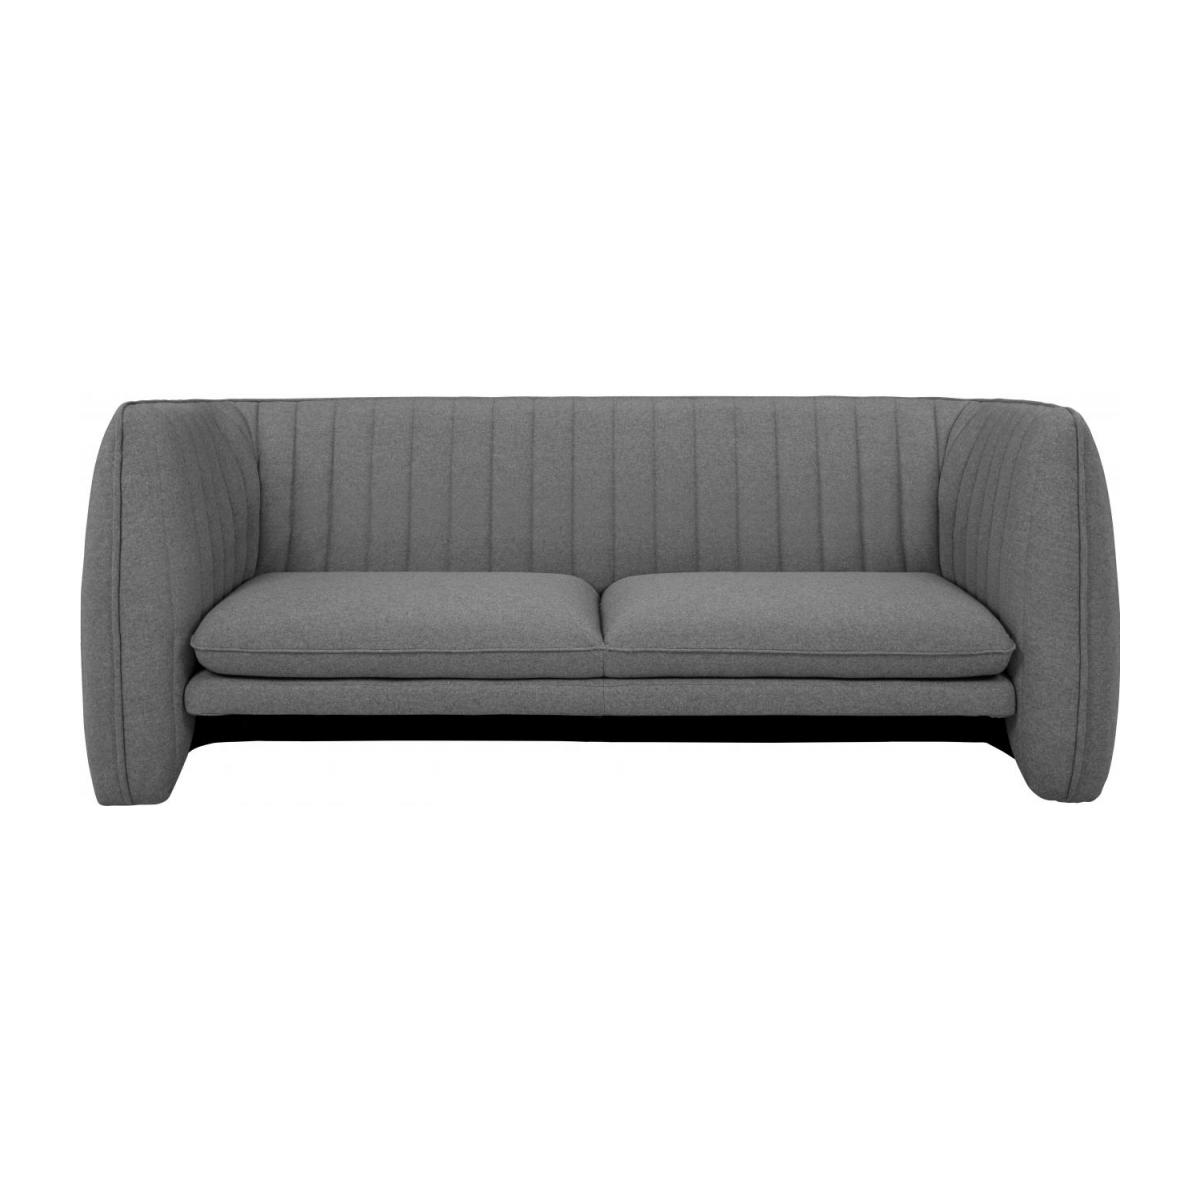 Full Size of Sofa 3 Sitzer Grau Rattan Ikea Couch Retro Kingsley 3 Sitzer Samt Leder Lucas Aus Wolle Mit Elektrischer Sitztiefenverstellung Big Günstig Muuto Home Affair Sofa Sofa 3 Sitzer Grau